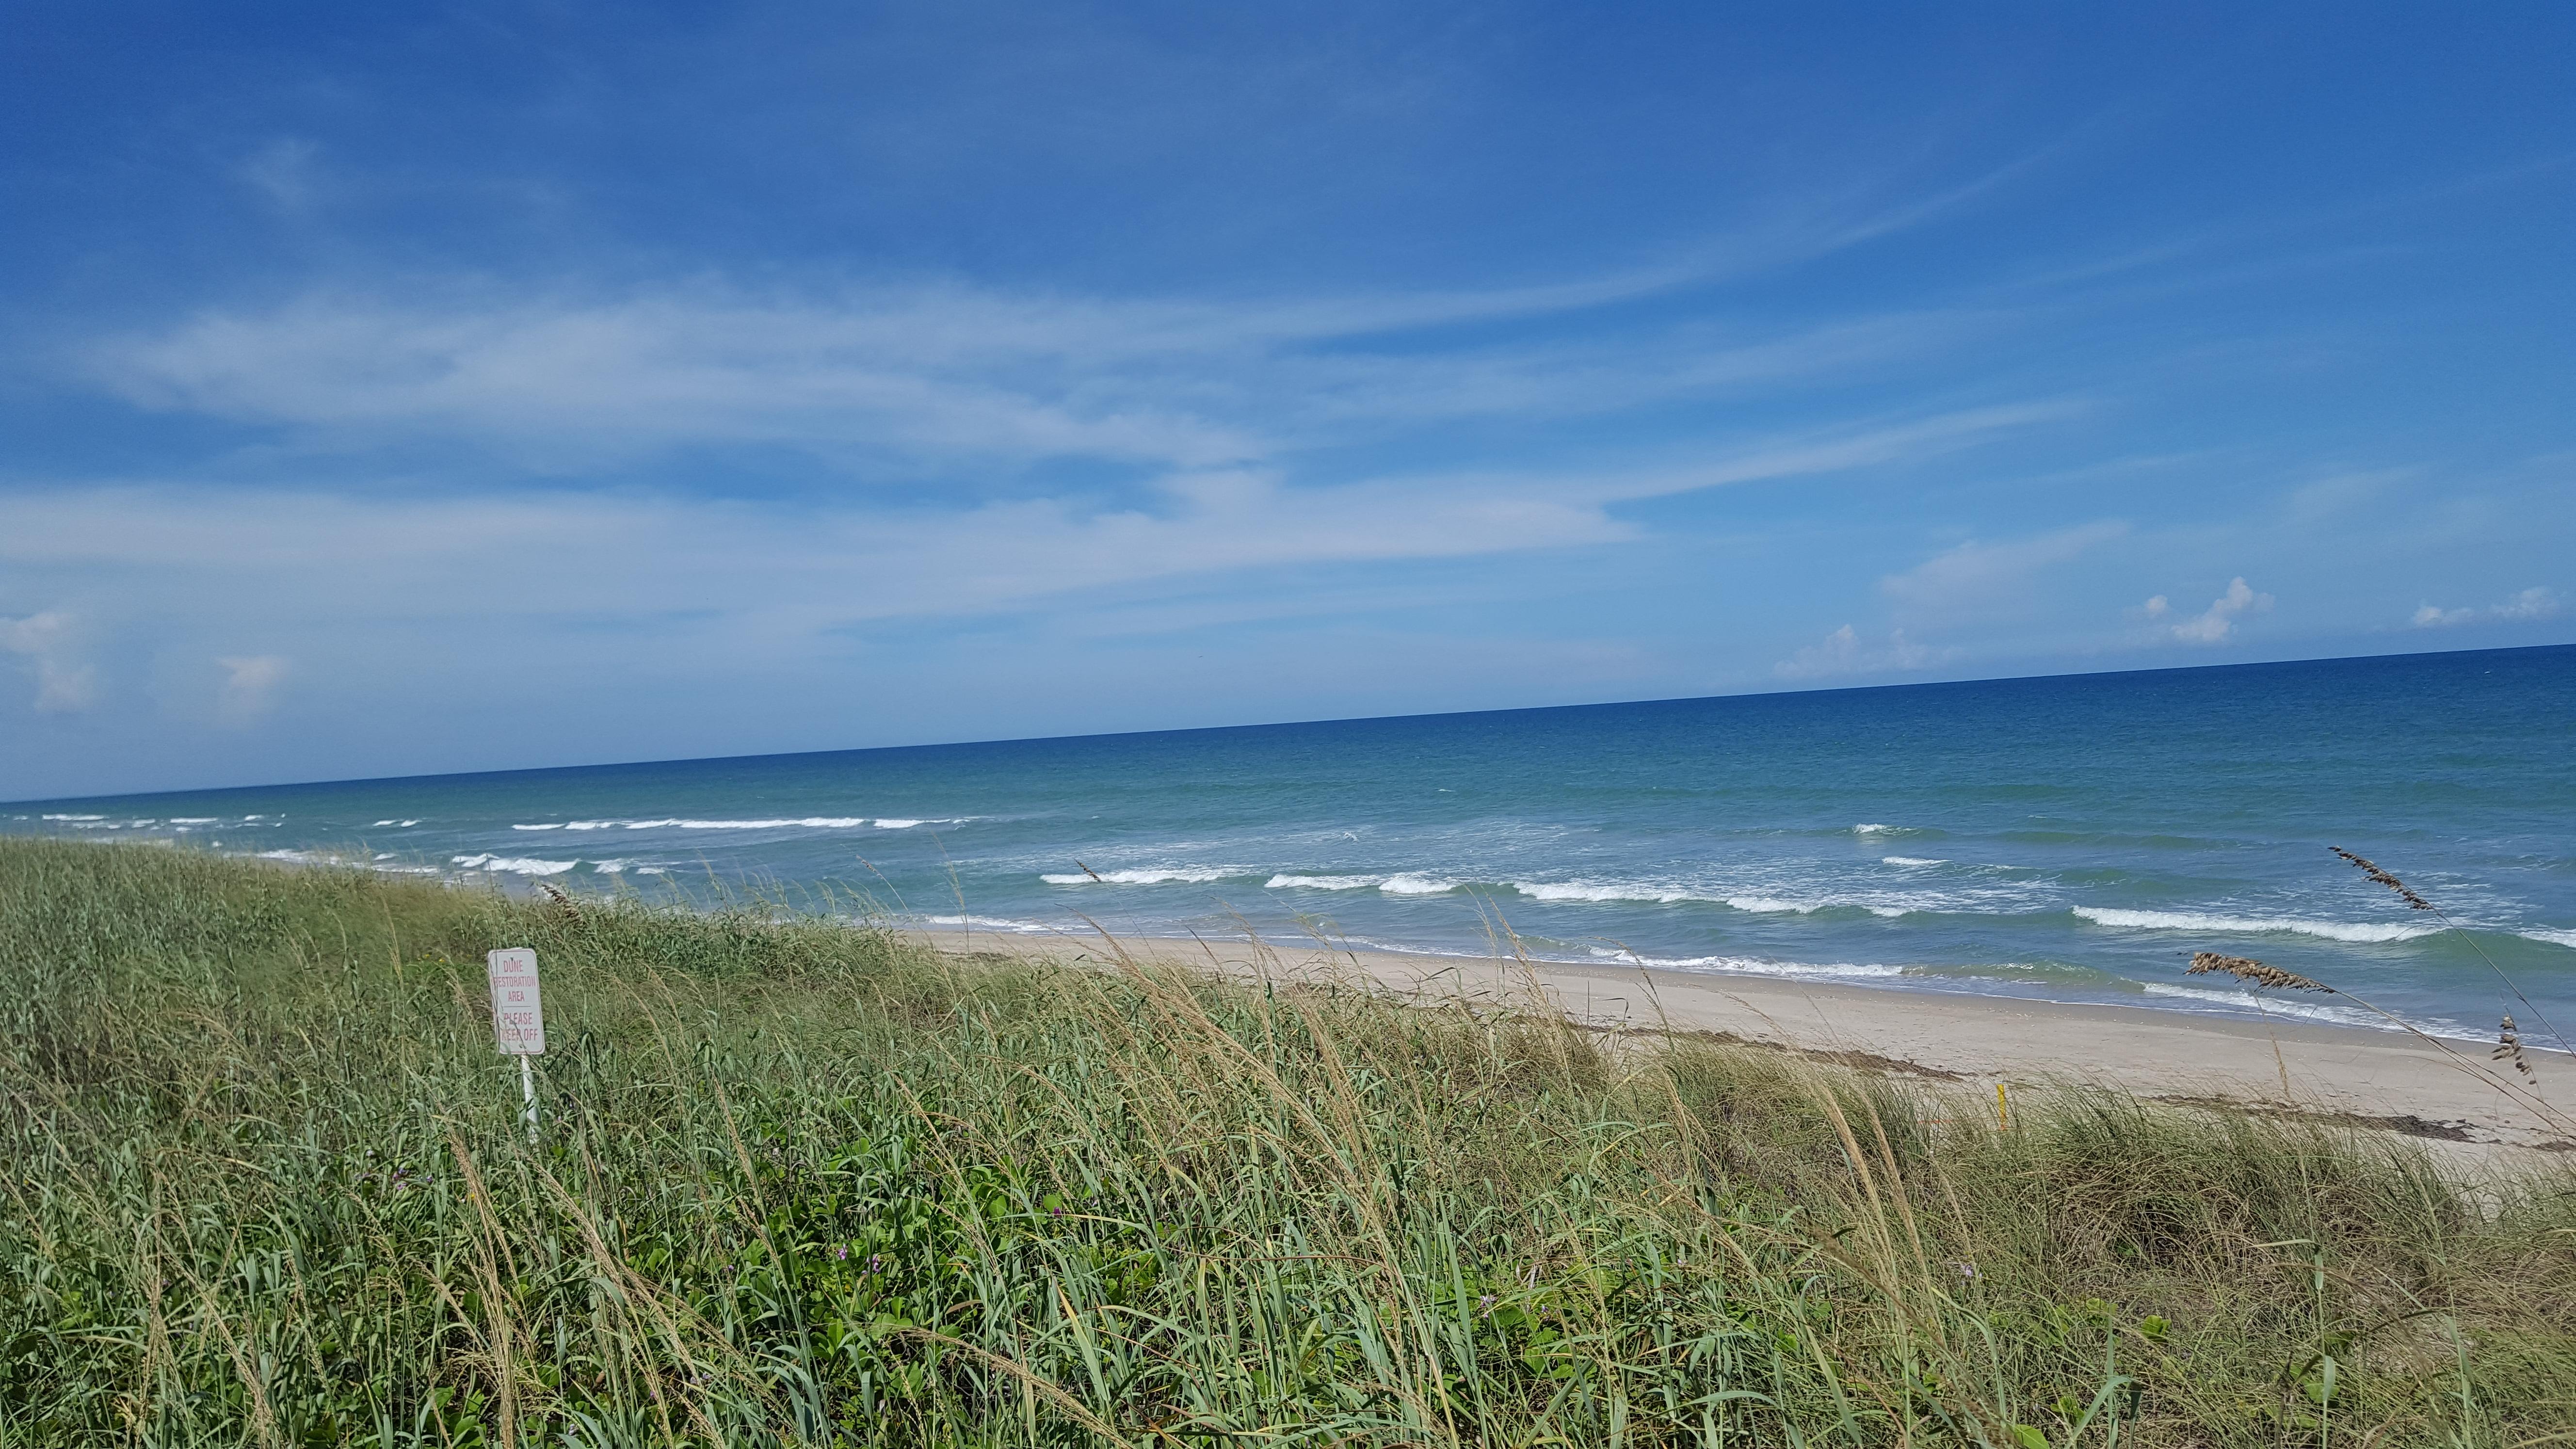 Ups jensen beach